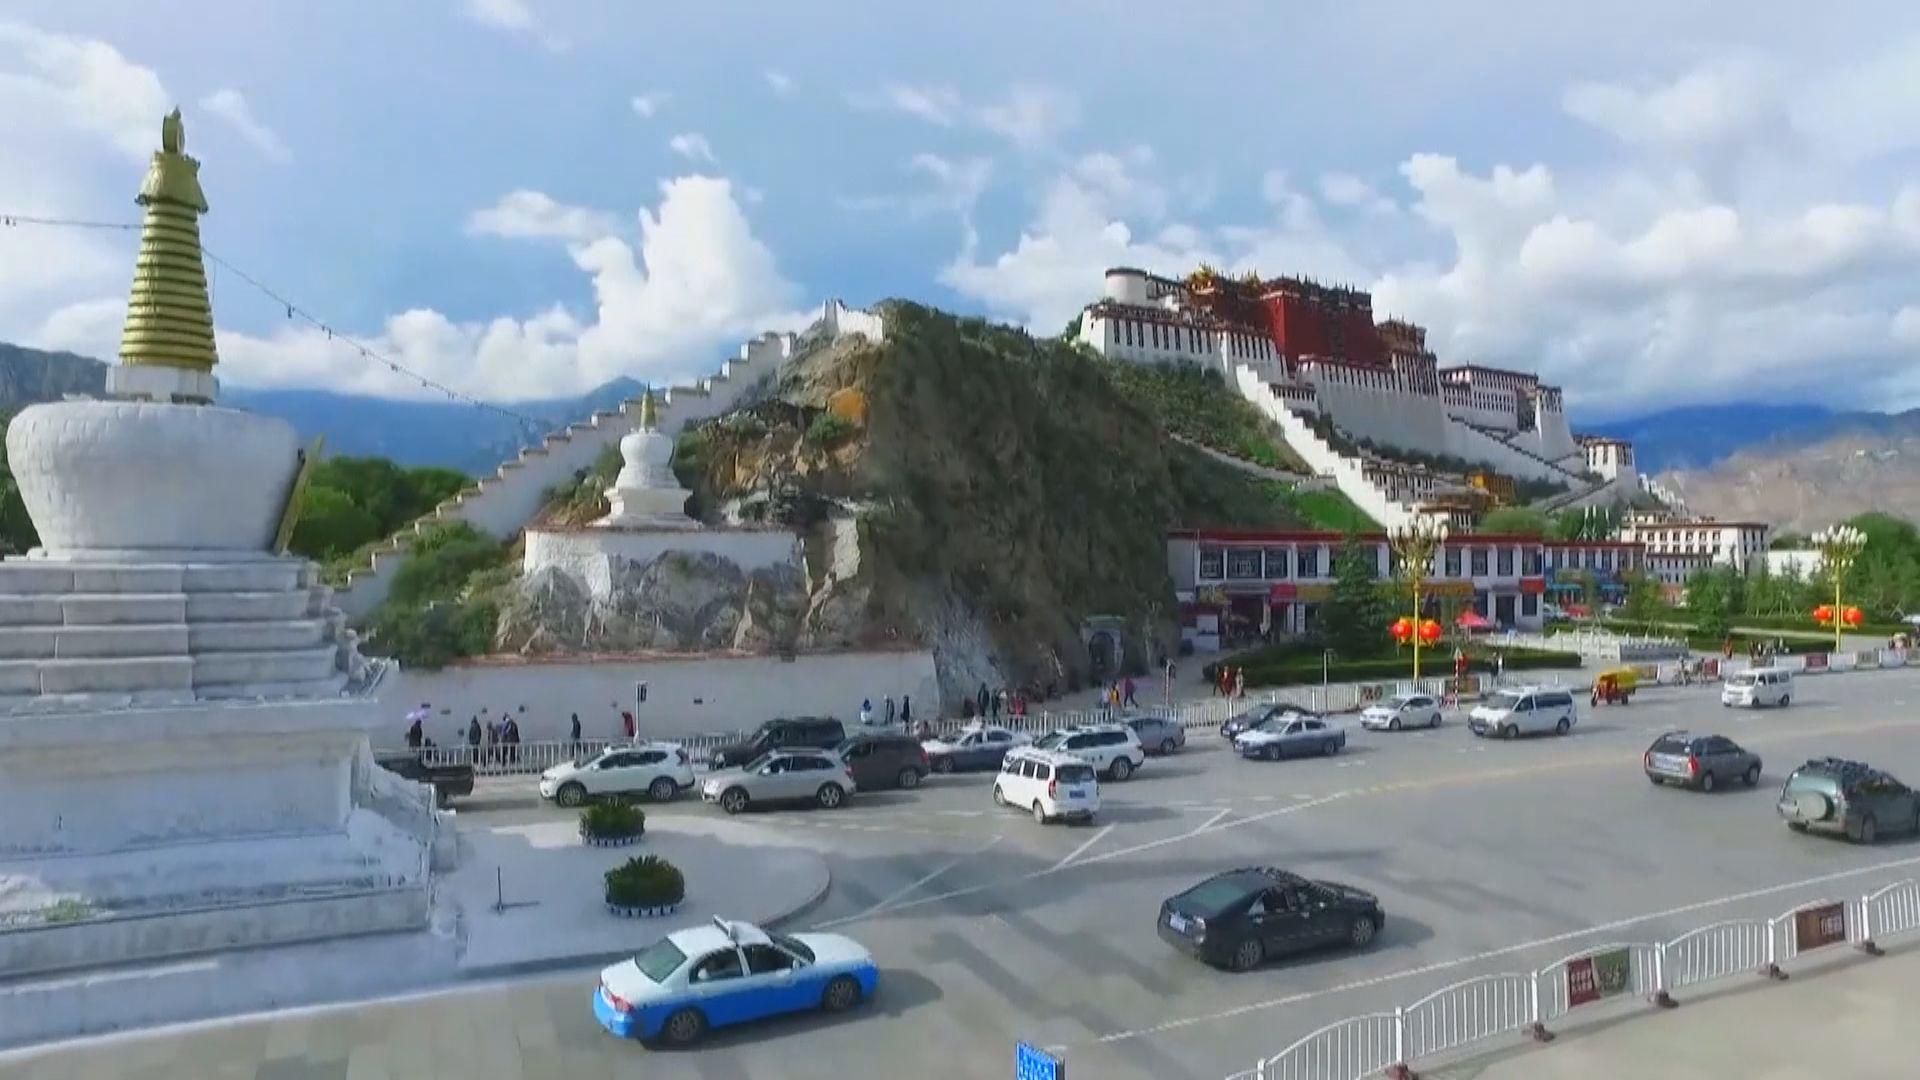 國務院發表西藏和平解放與繁榮發展白皮書